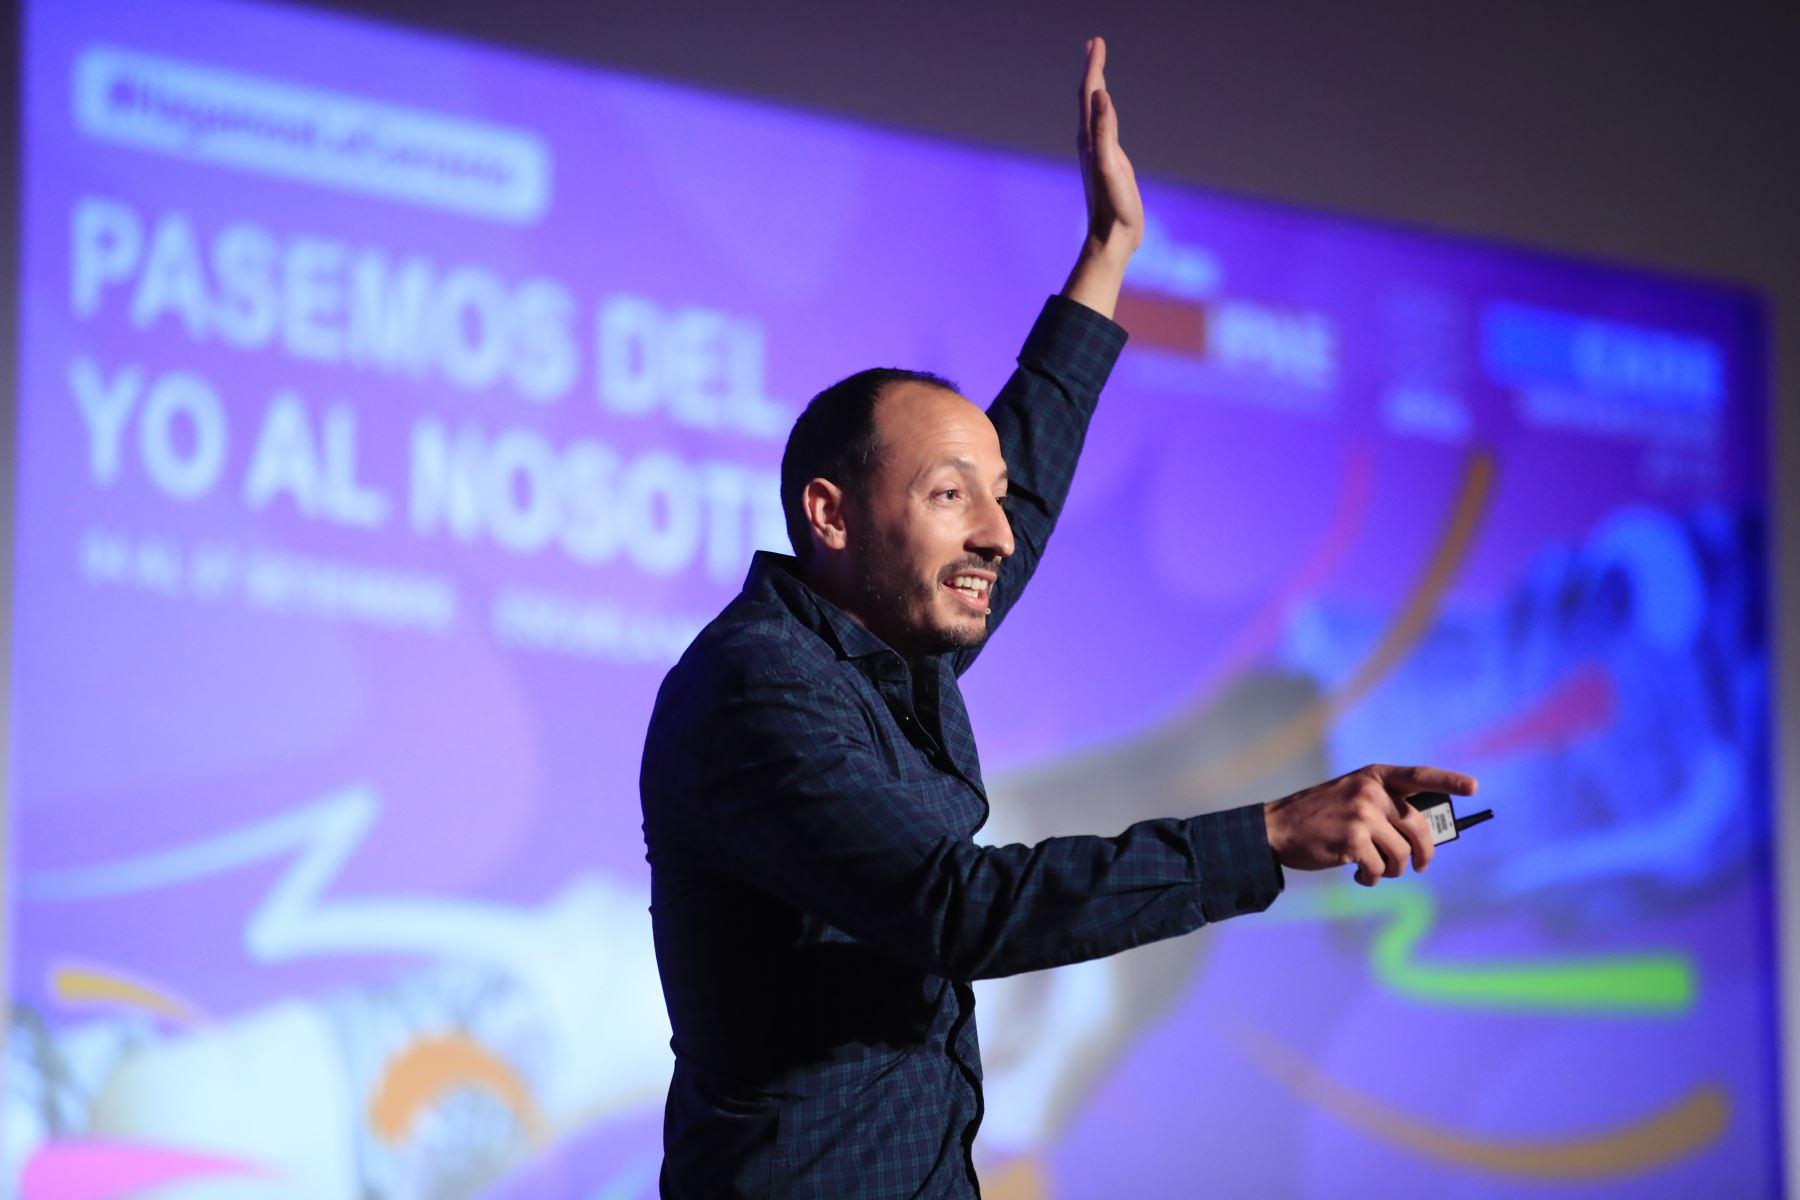 David del Rosario, Investigador Biomédico, durante su exposición en el Cade Universitario 2019.  Foto: ANDINA/Juan Carlos Guzmán Negrini